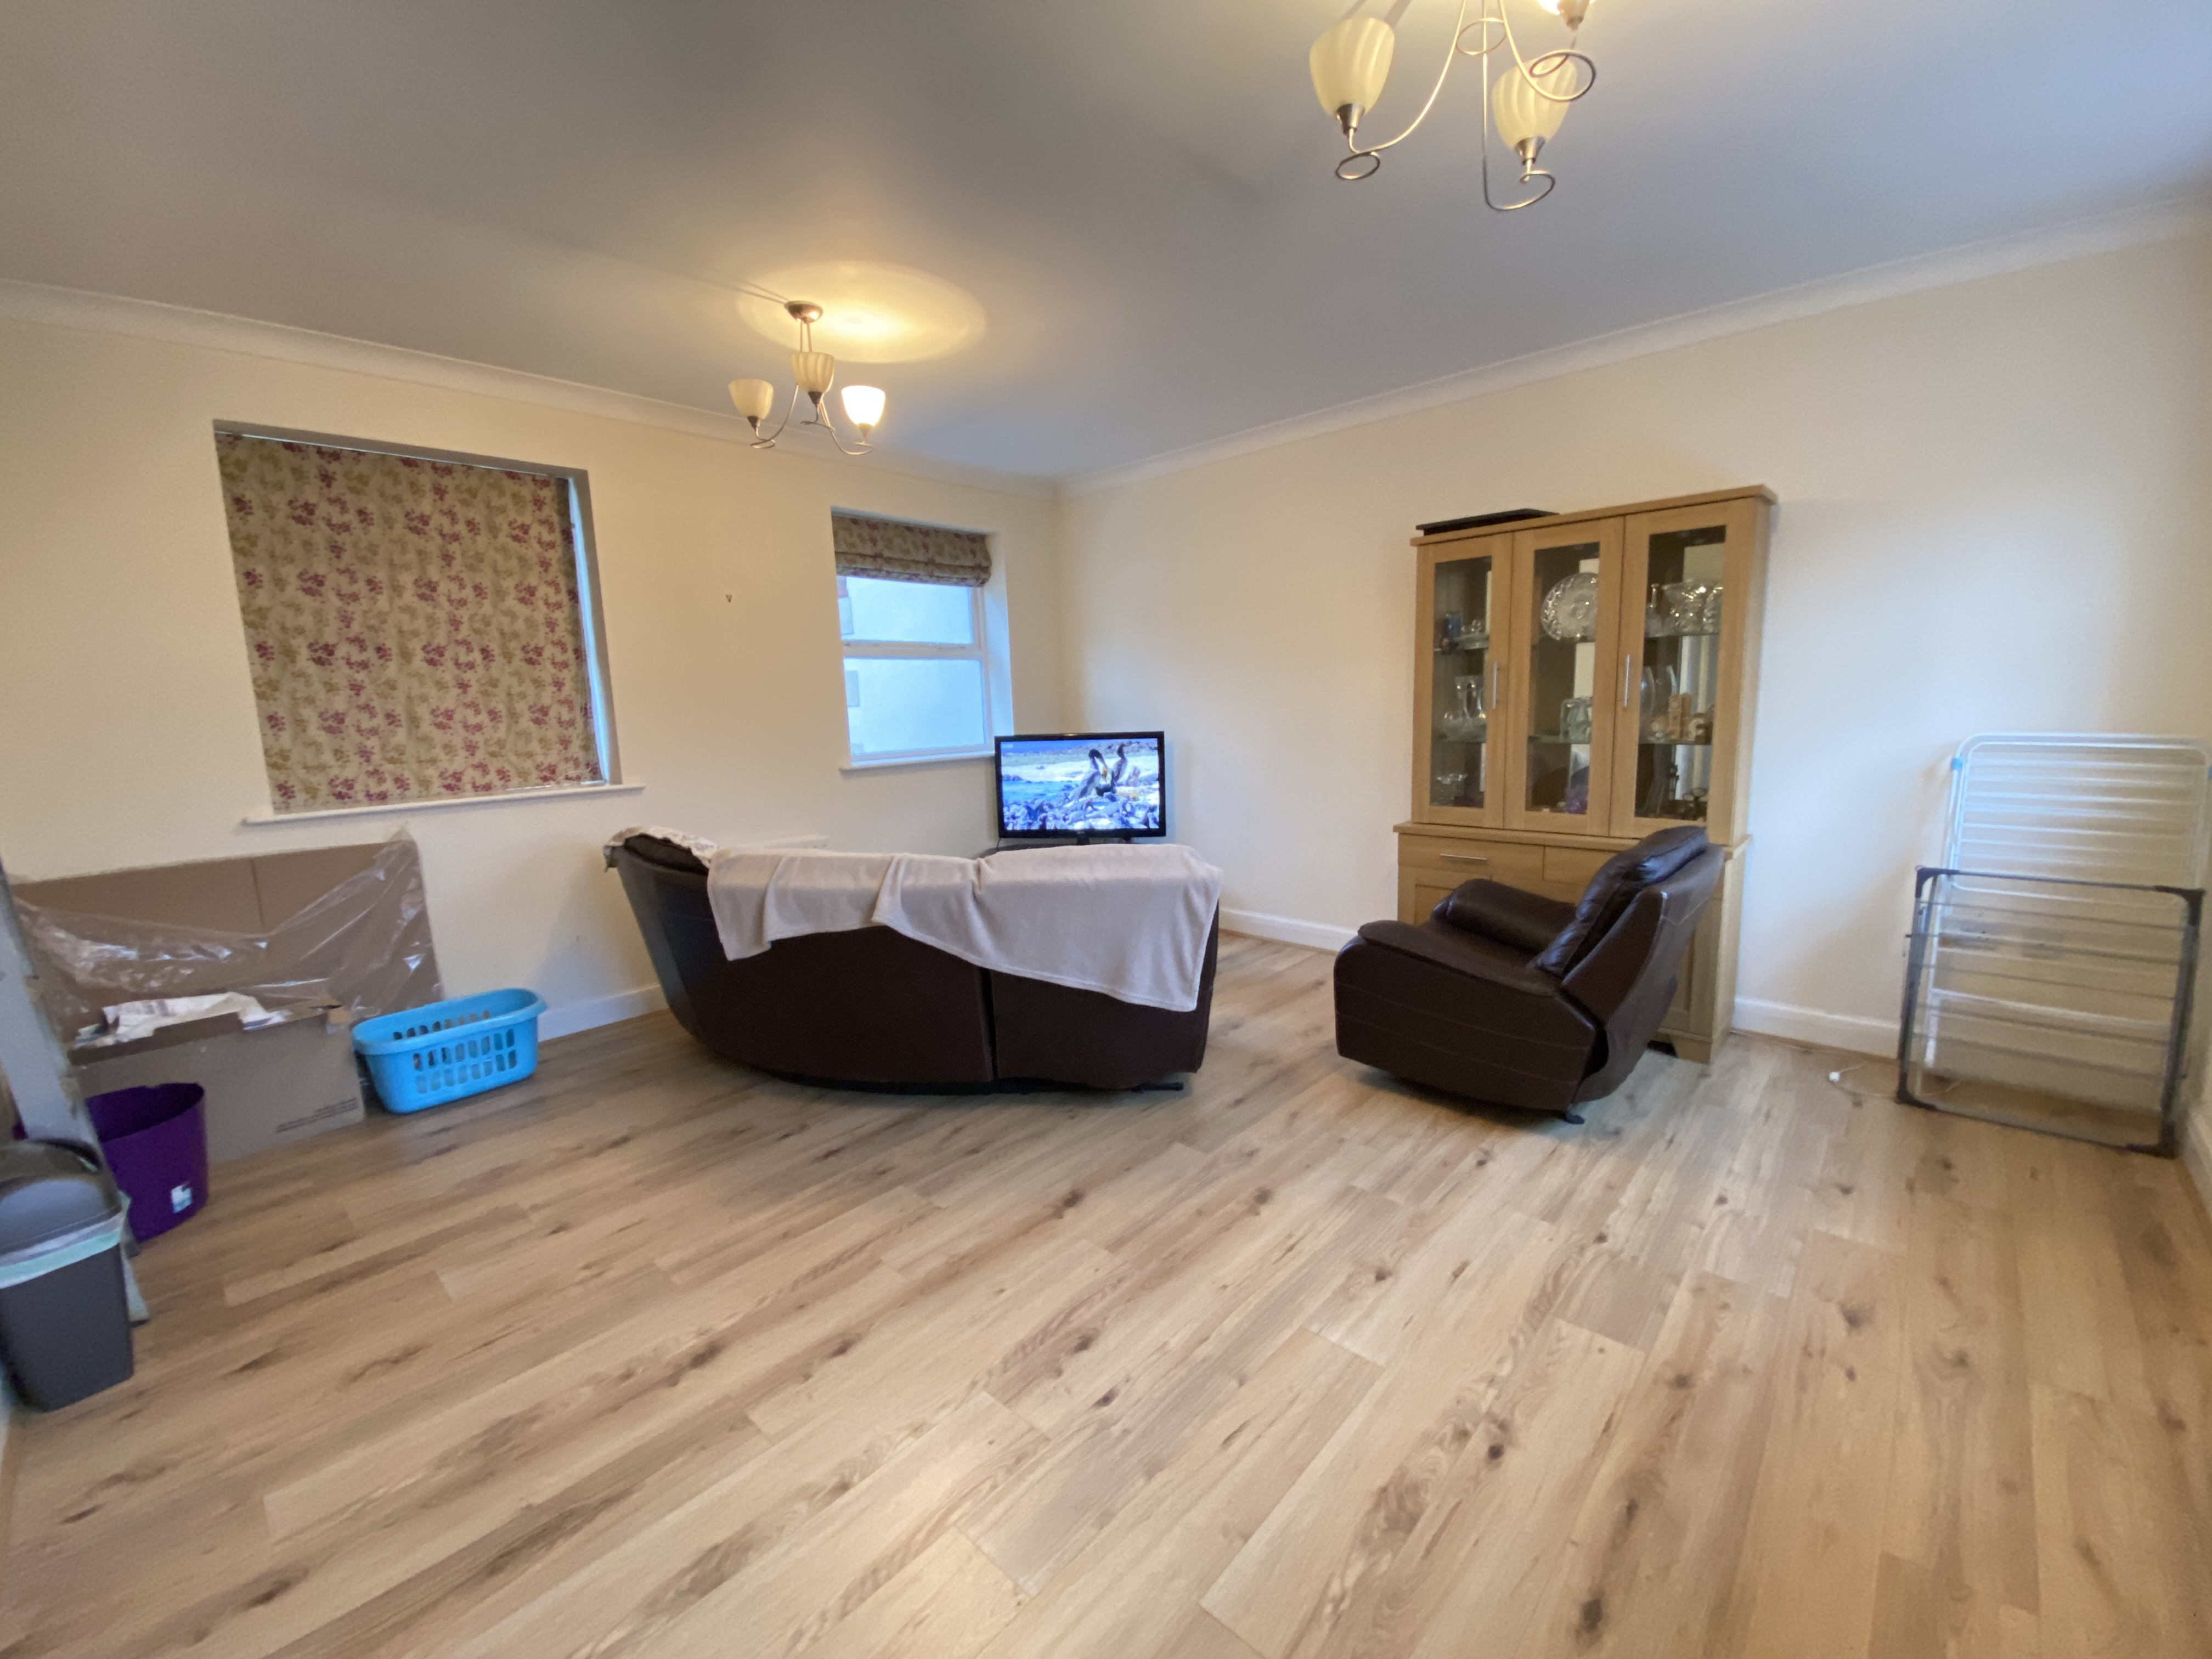 2 bed flat to rent in Garden Street, Gillingham, ME7